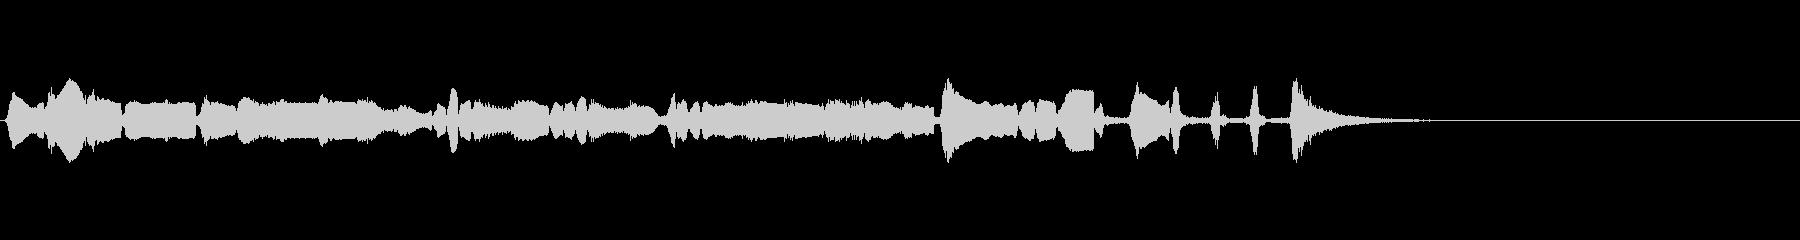 【生演奏】アコーディオンジングル27の未再生の波形